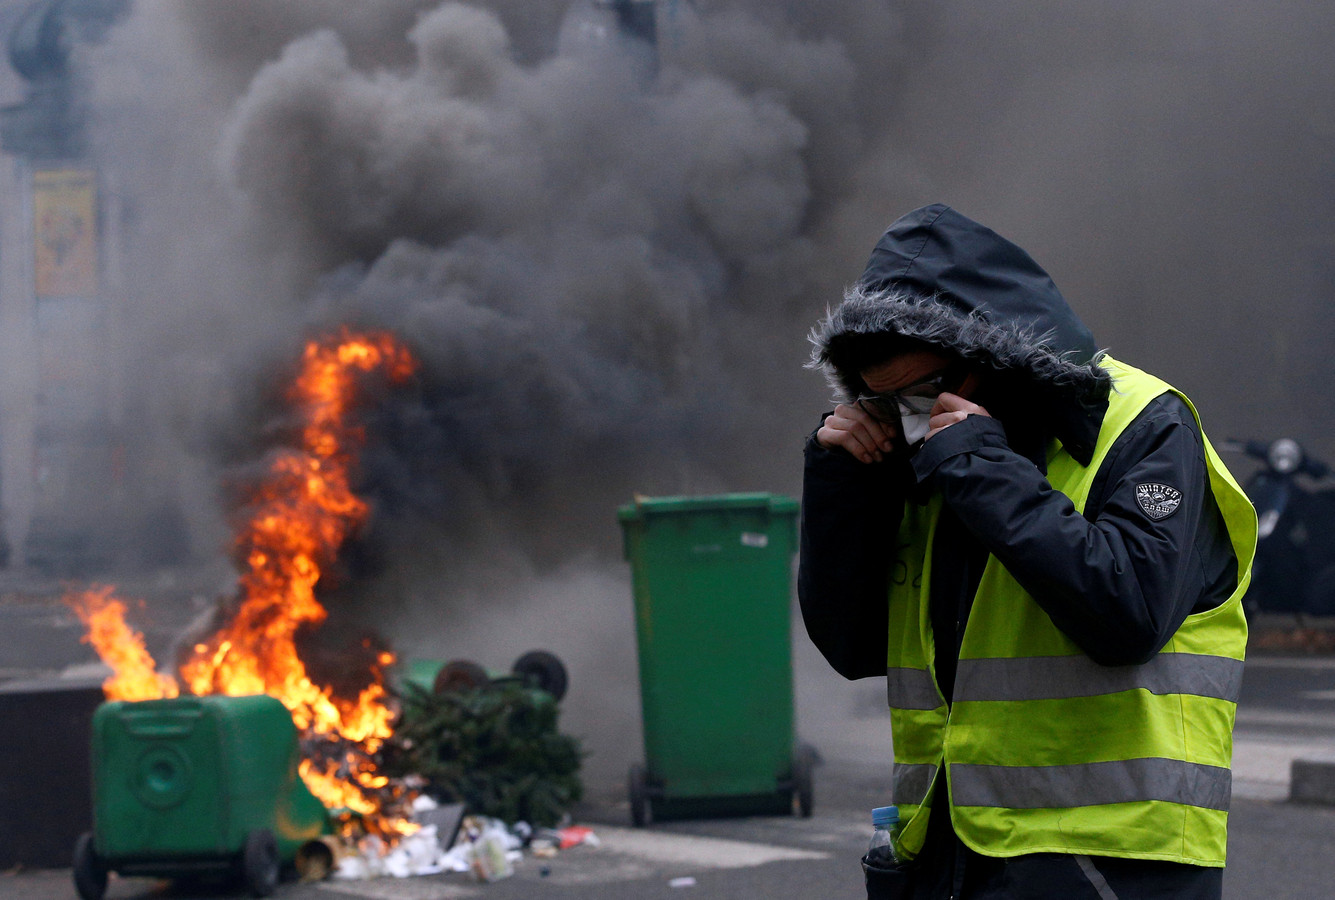 Een demonstrant met een 'geel hesje' tijdens een confrontatie met de politie in Parijs op zaterdag.